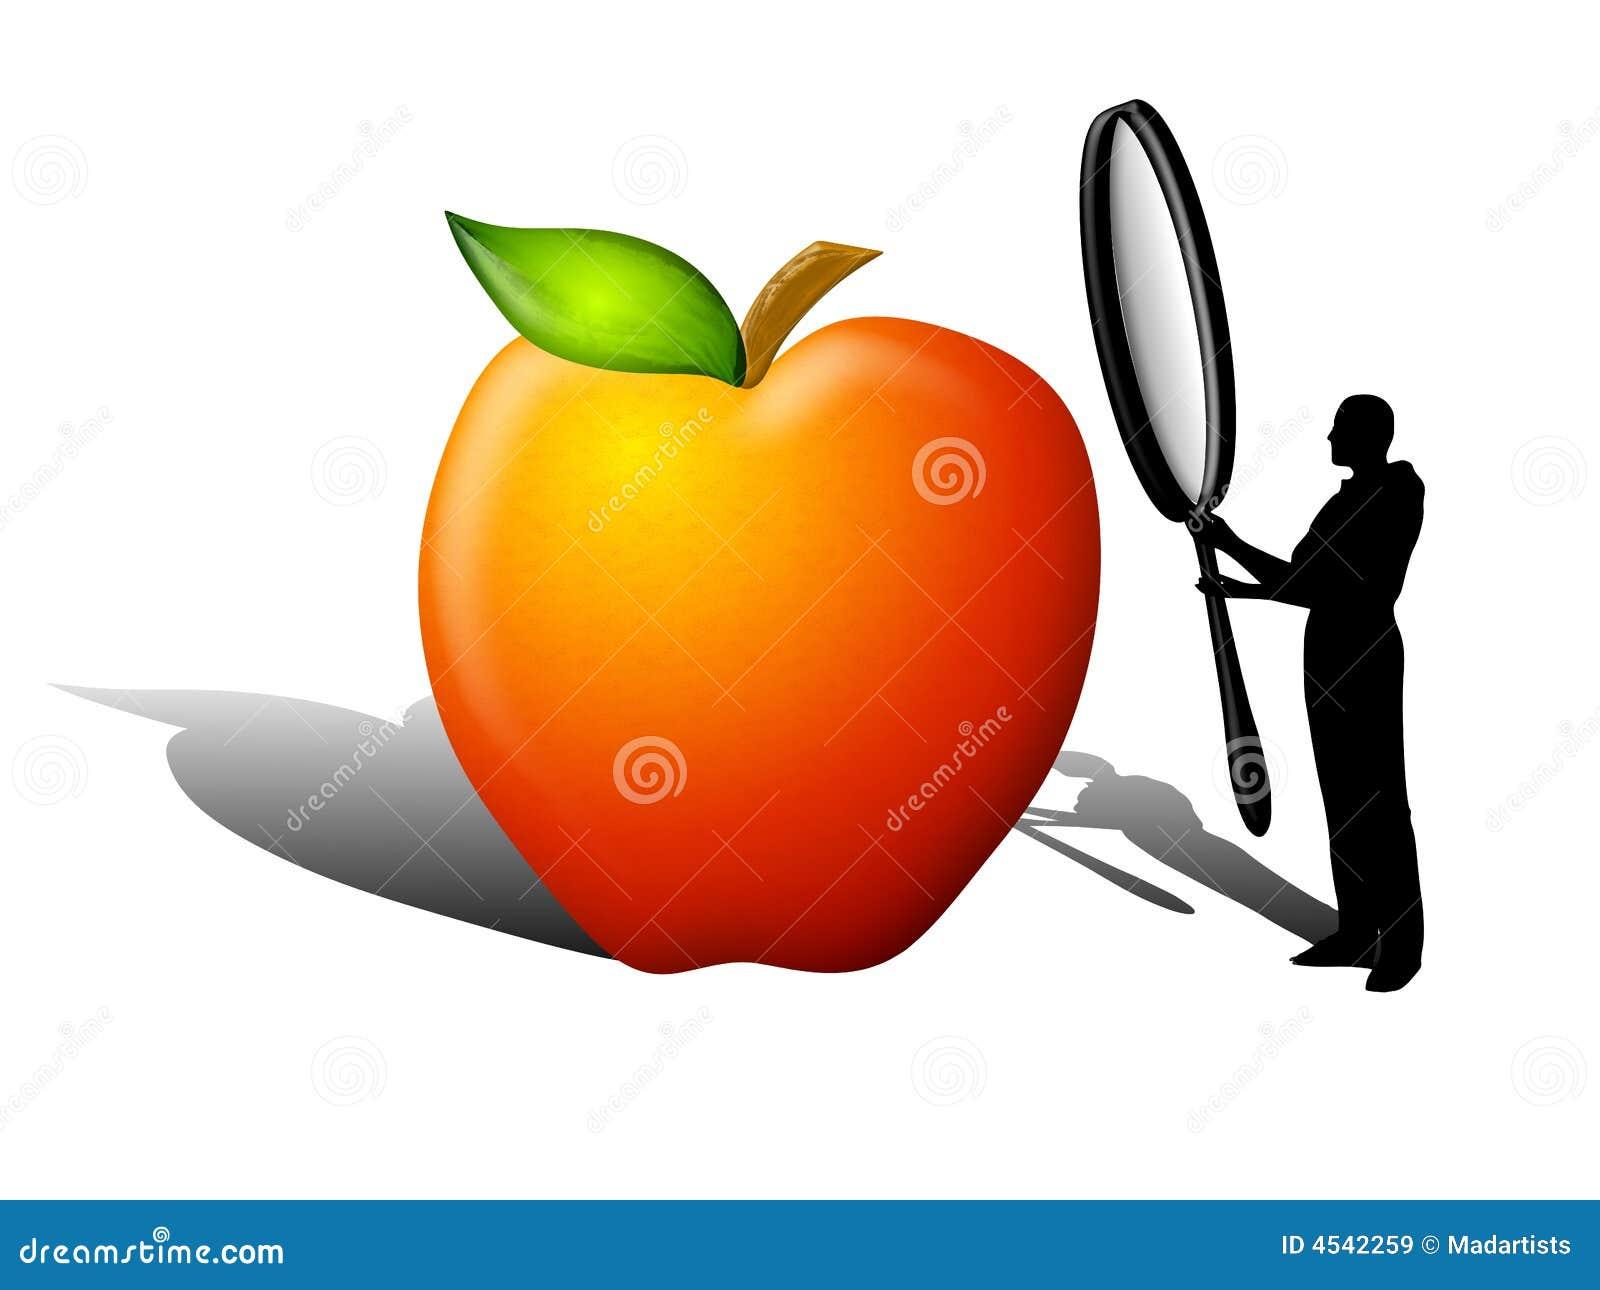 Controllo di sicurezza di qualità dei prodotti alimentari